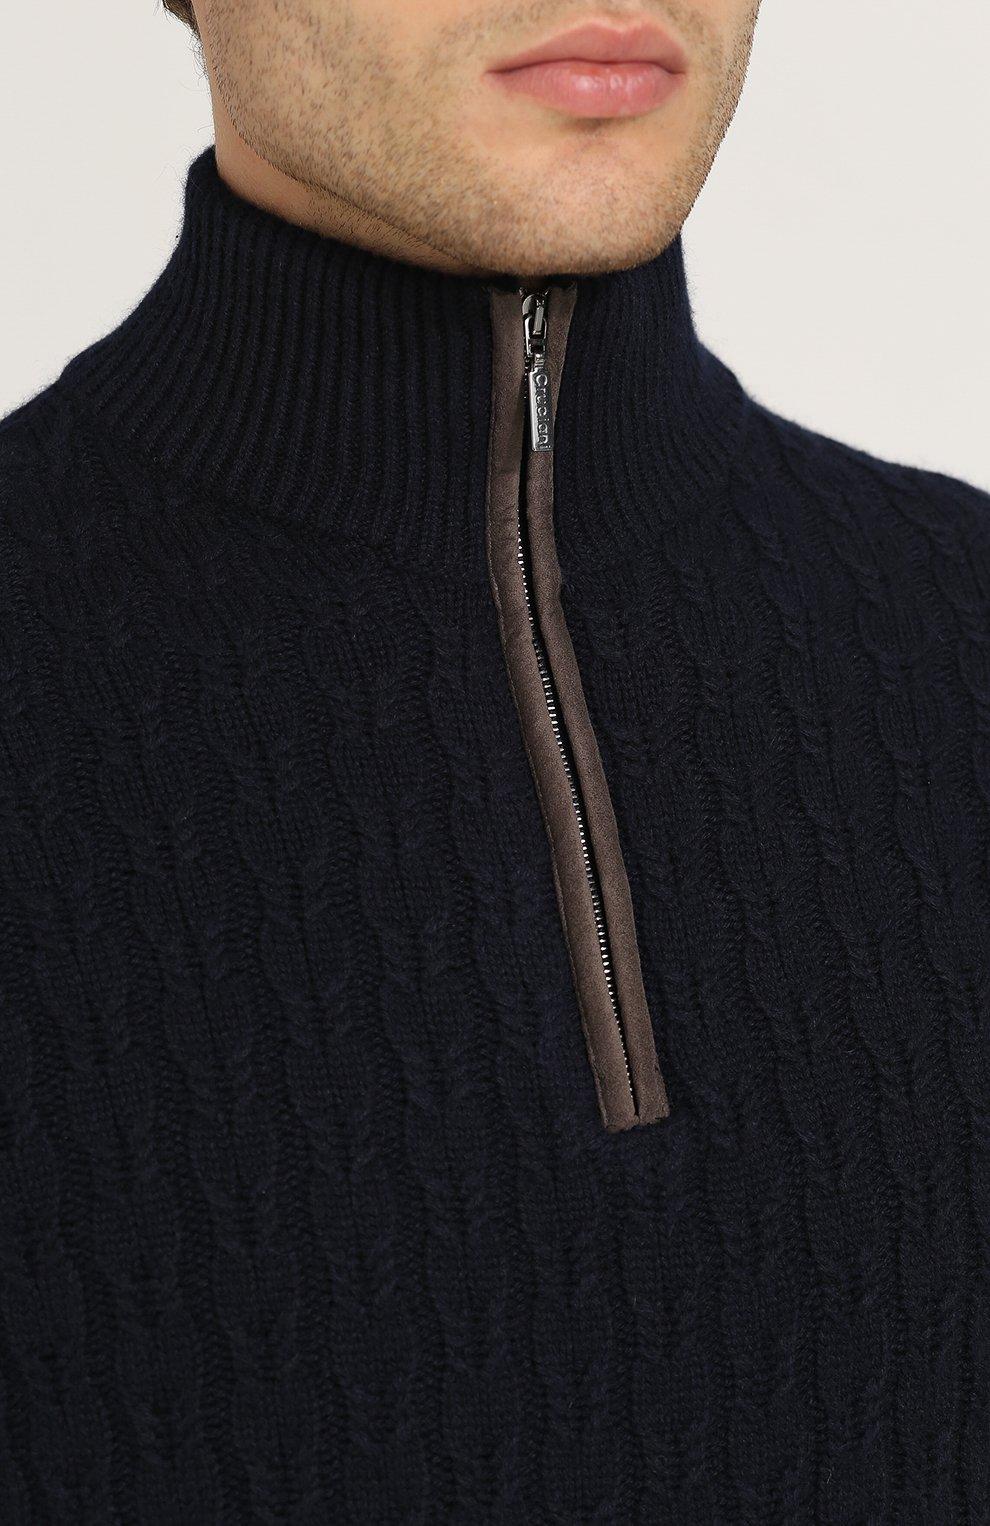 Кашемировый свитер фактурной вязки с воротником на молнии   Фото №5